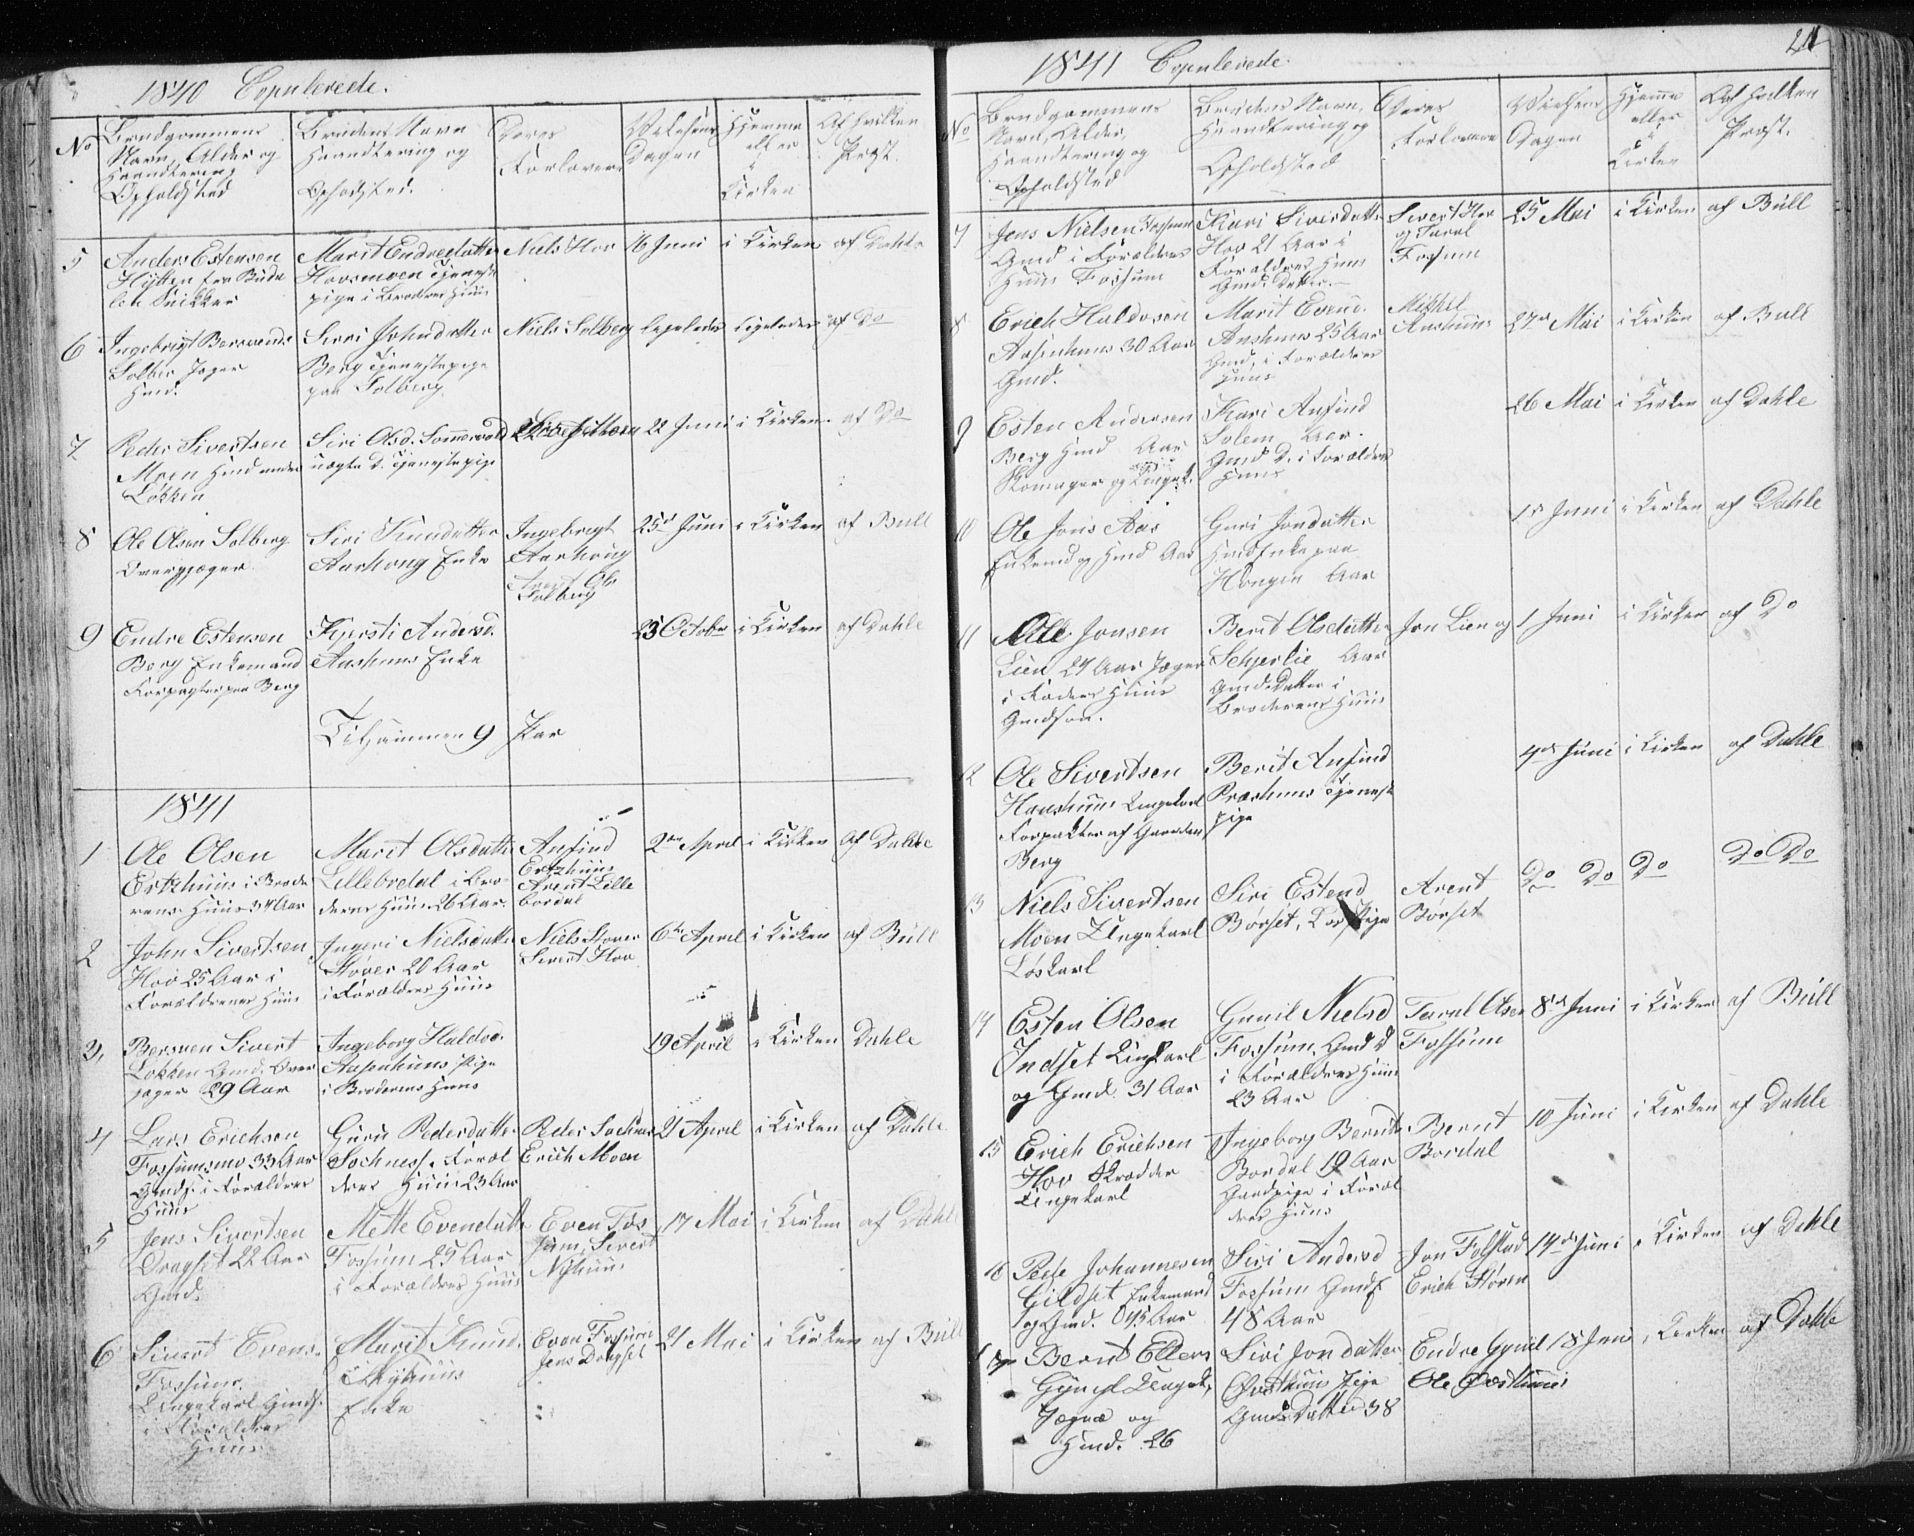 SAT, Ministerialprotokoller, klokkerbøker og fødselsregistre - Sør-Trøndelag, 689/L1043: Klokkerbok nr. 689C02, 1816-1892, s. 214